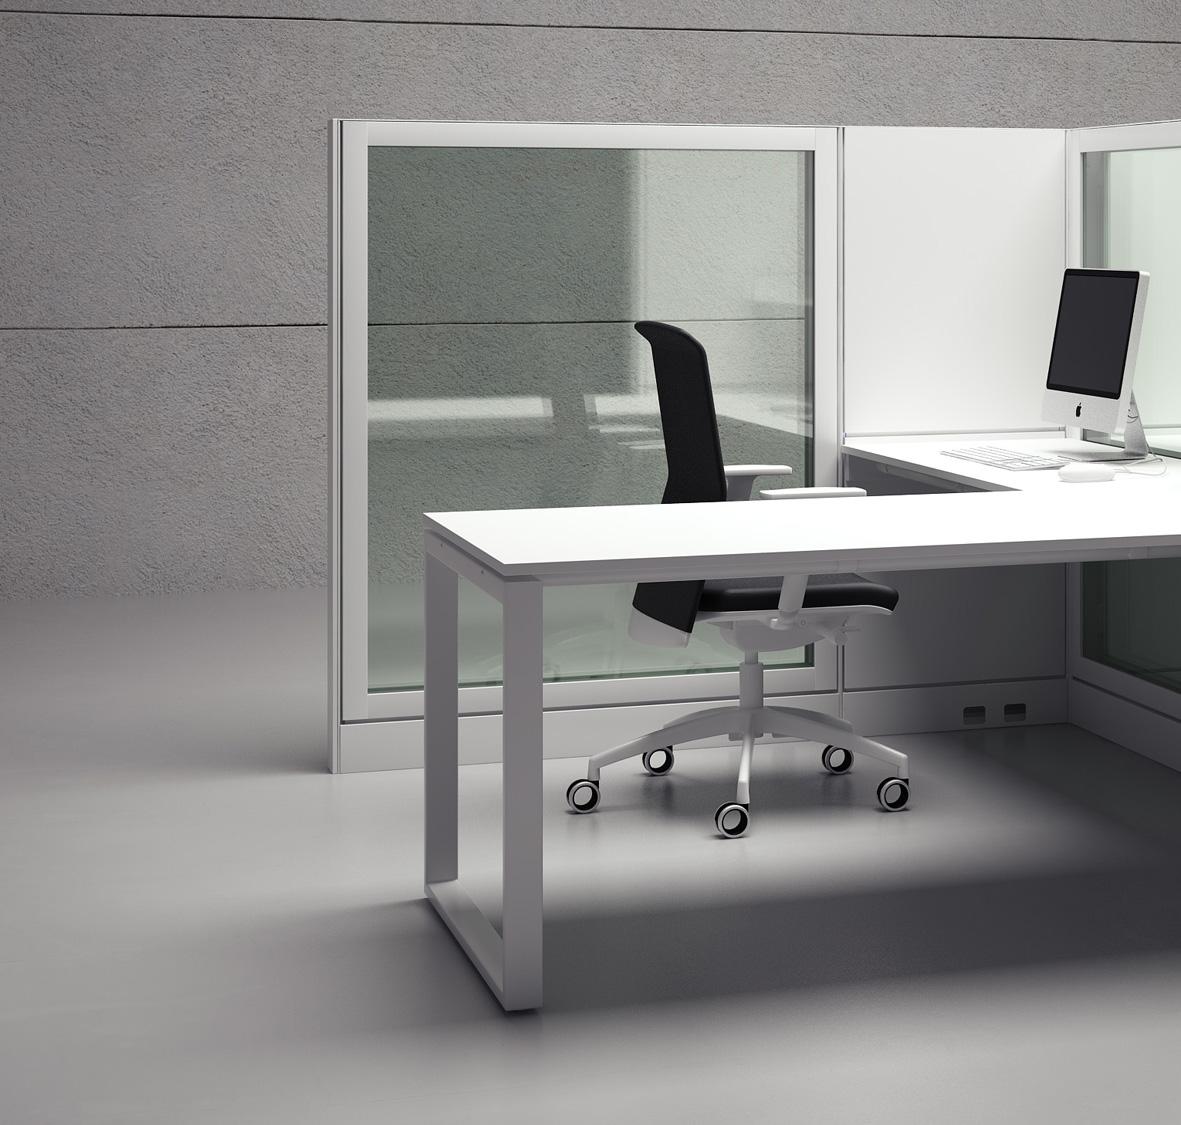 Dise o de oficinas 3d dise o de oficinas valencia dise o for Oficinas de diseno industrial